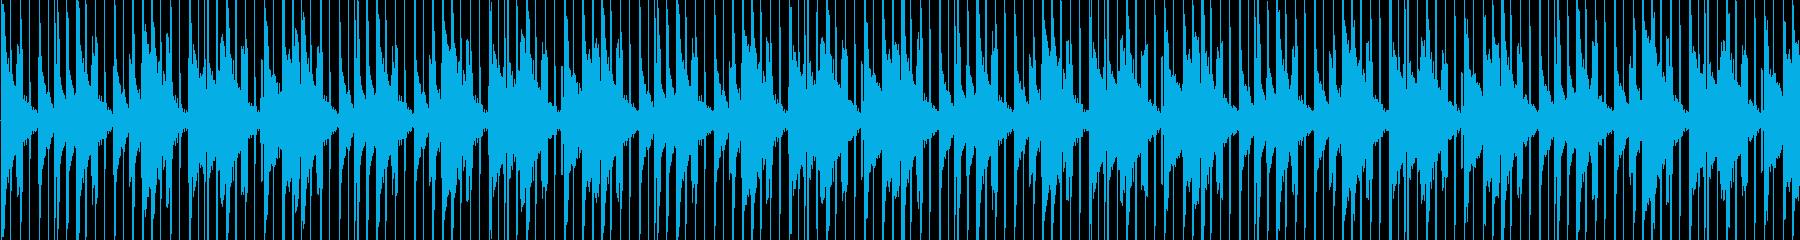 【チルアウトBGM】lofi/まったりの再生済みの波形